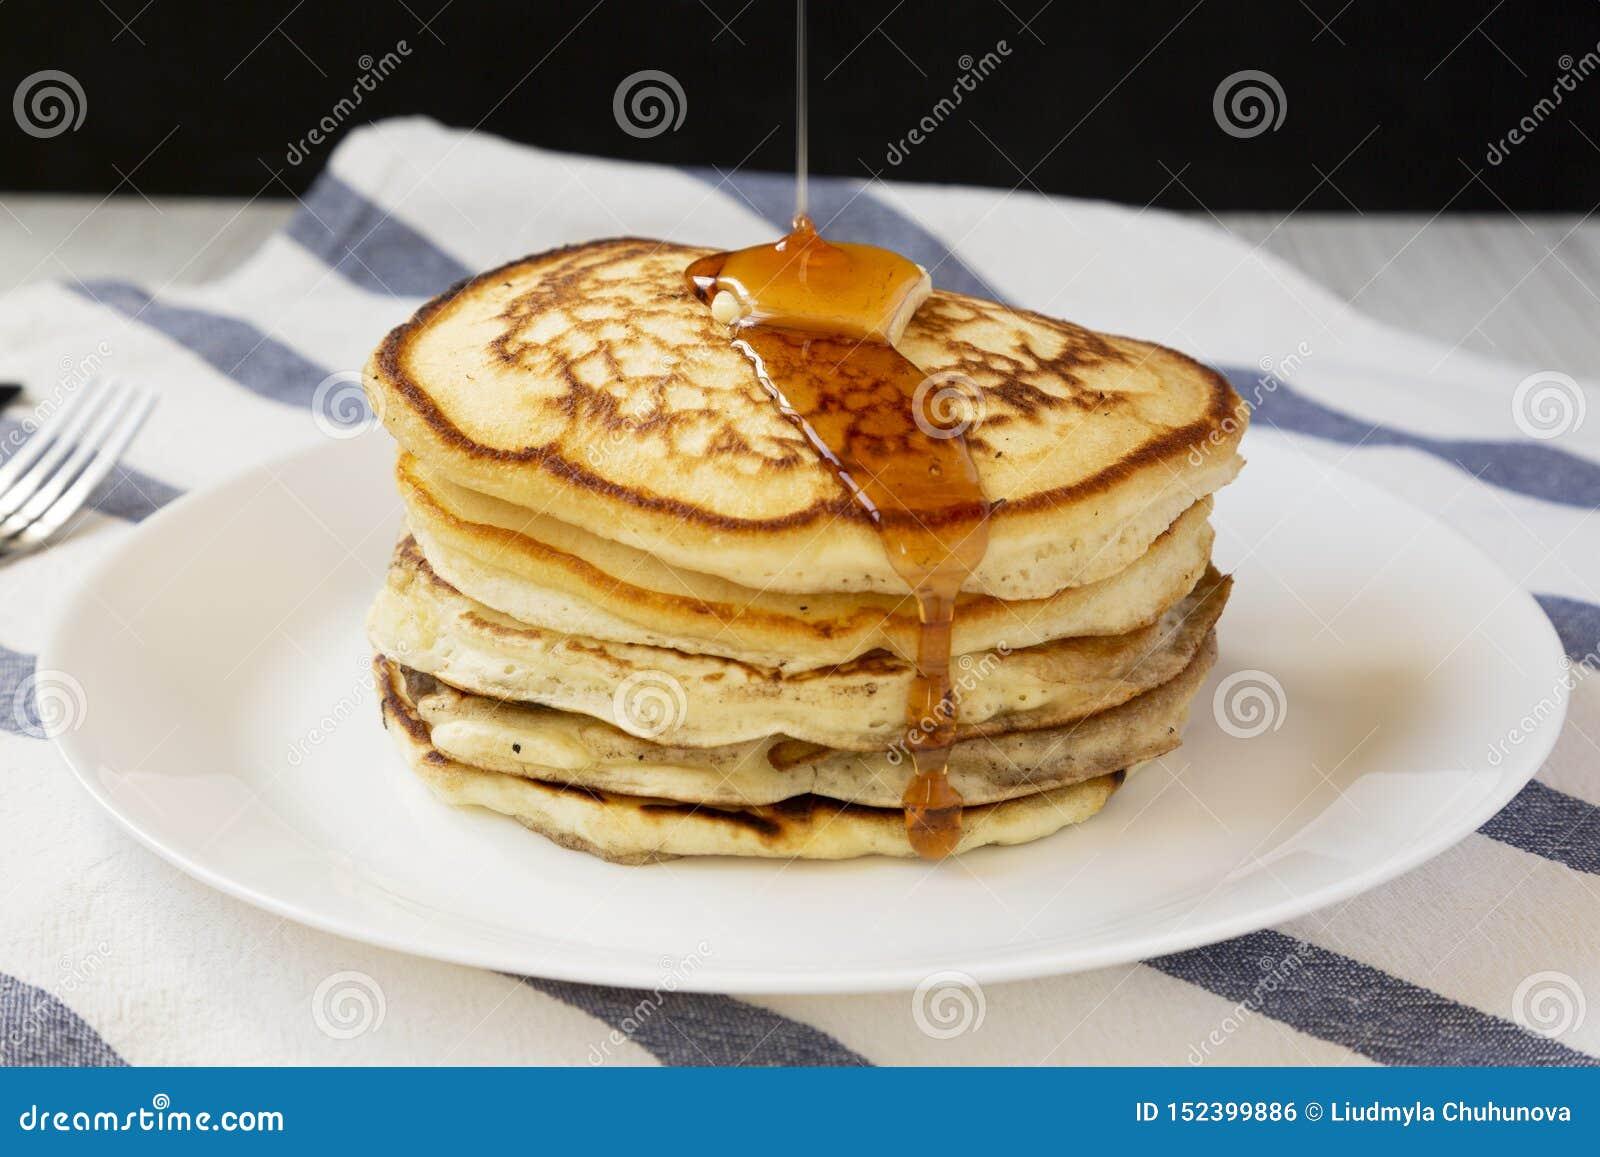 Hemlagade pannkakor med smör- och lönnsirap på en vit platta, sidosikt closeup